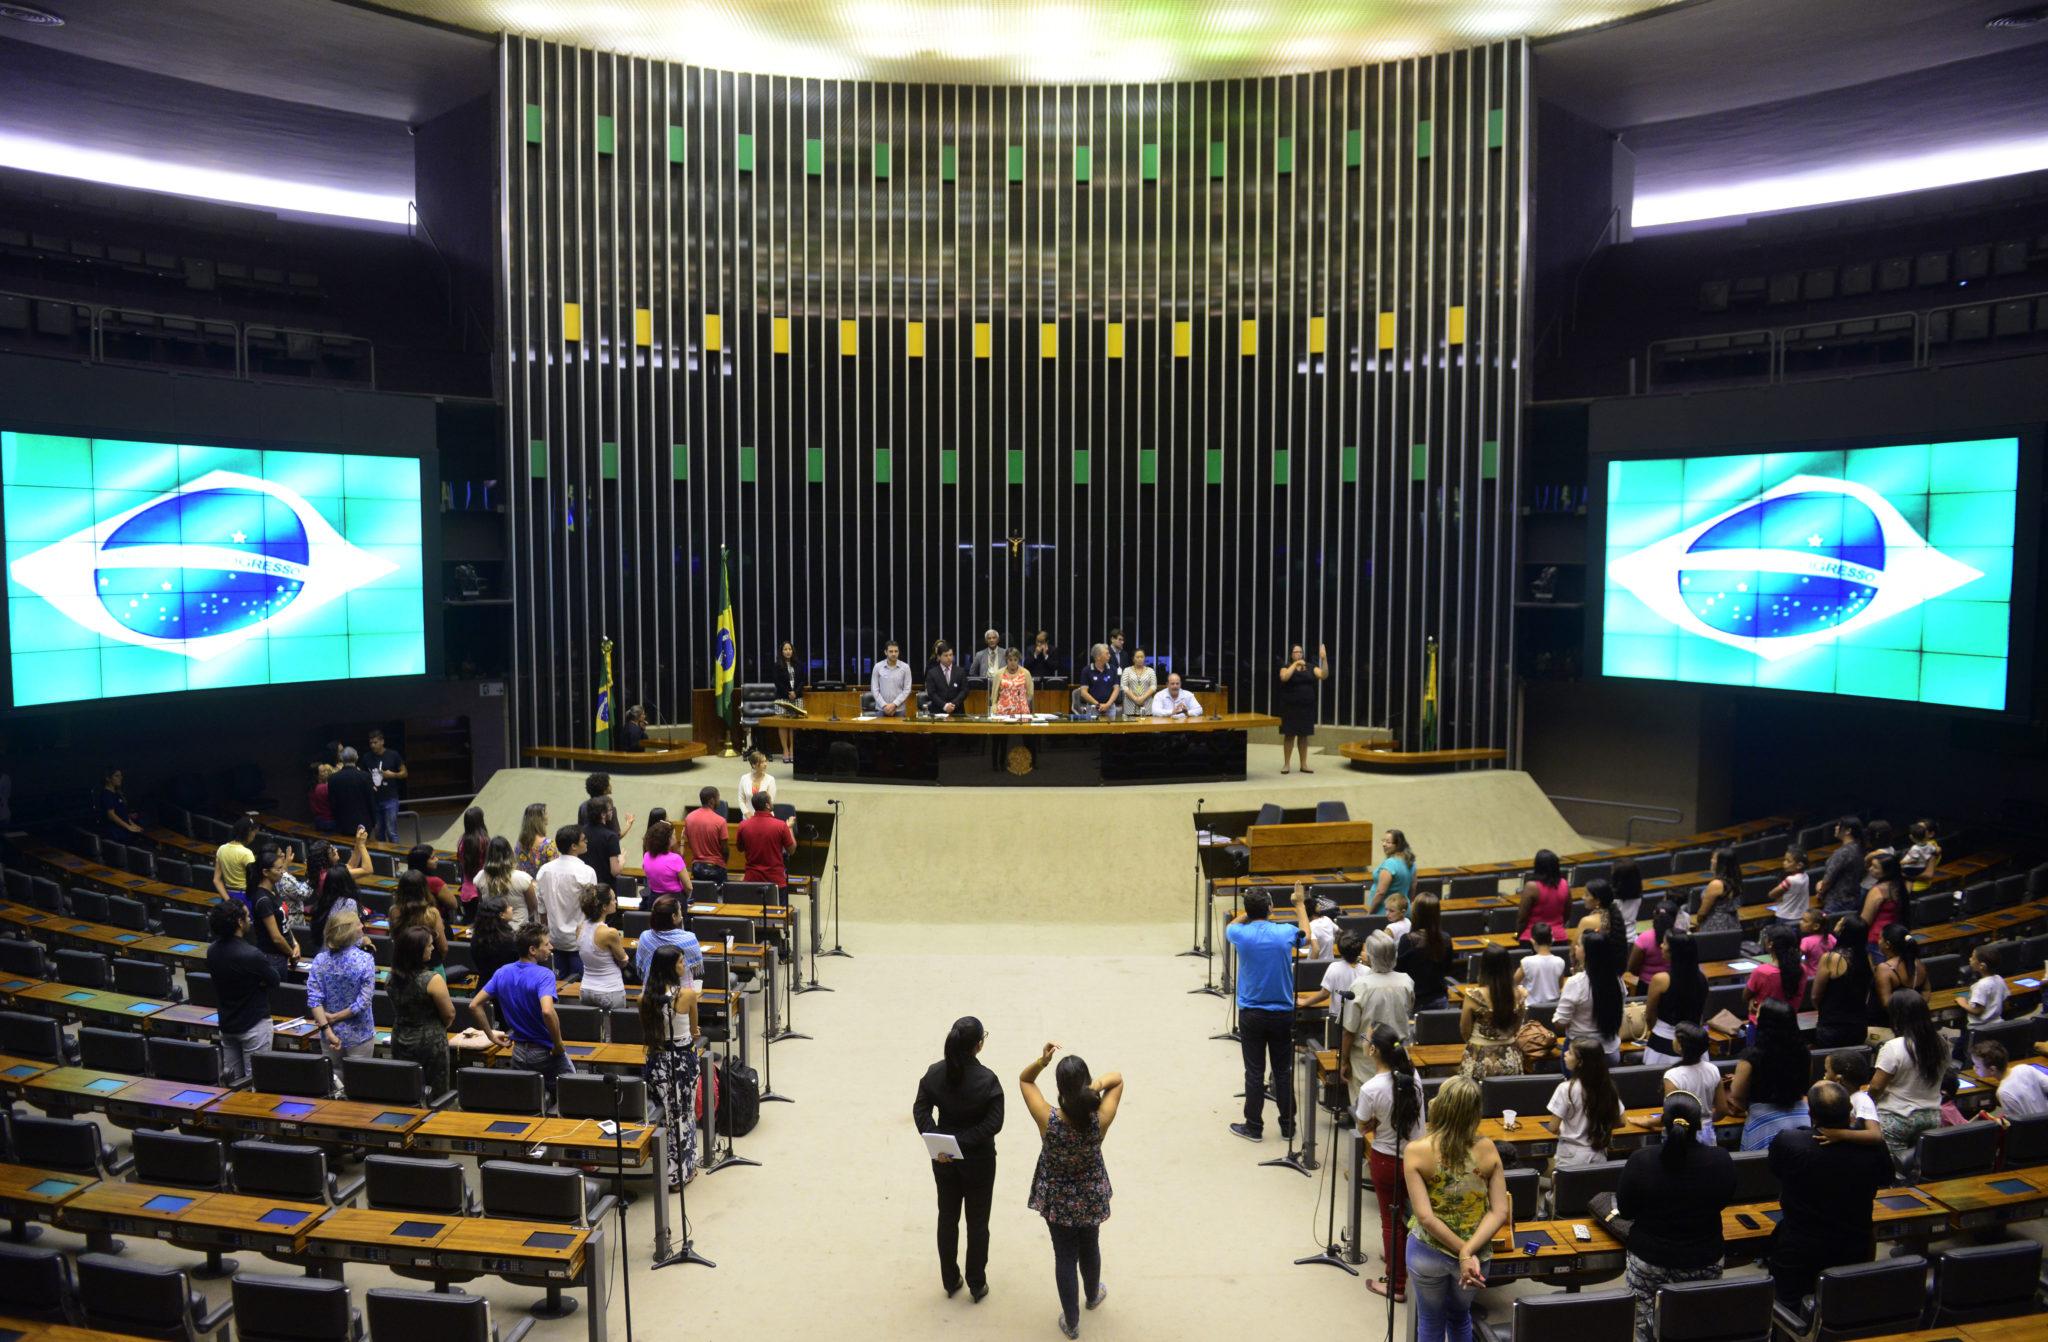 Parlamentares insistem em amordaçar o cidadão. Foto: Câmara dos Deputados.